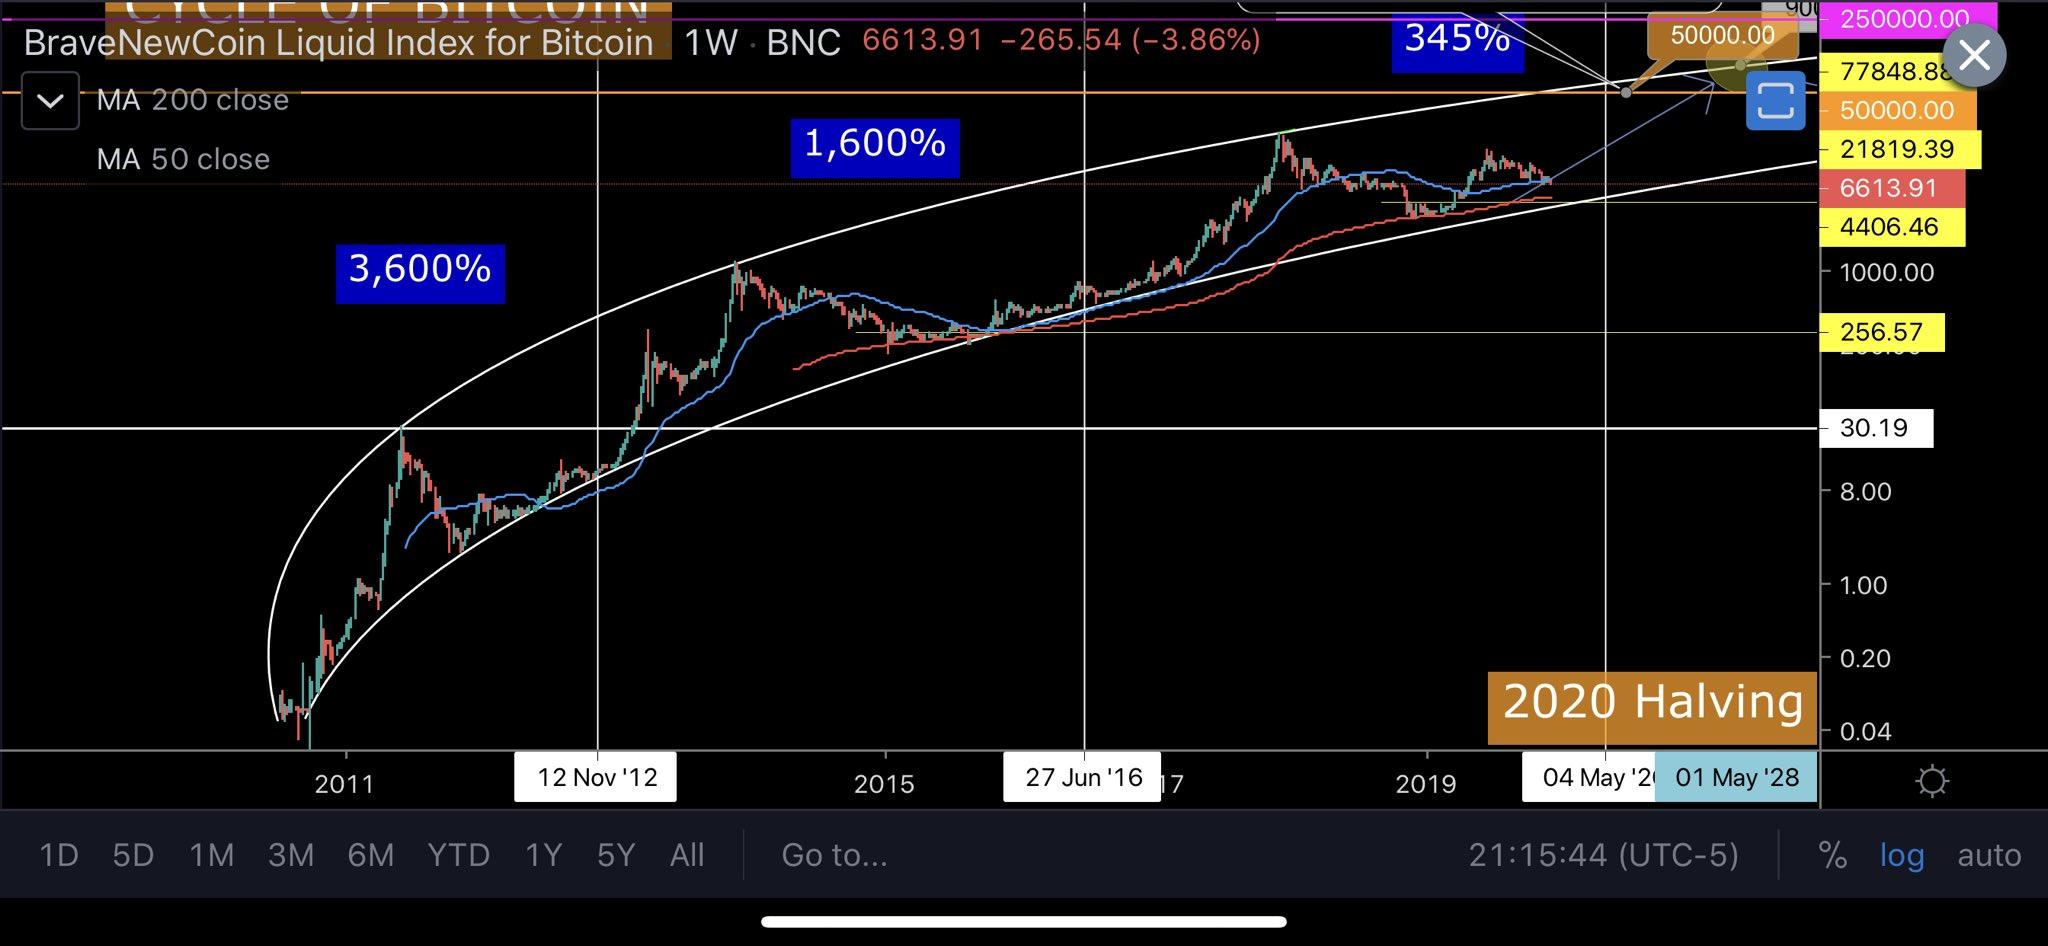 Прогноз bitcoin: участники криптосообщества высказали свое мнение